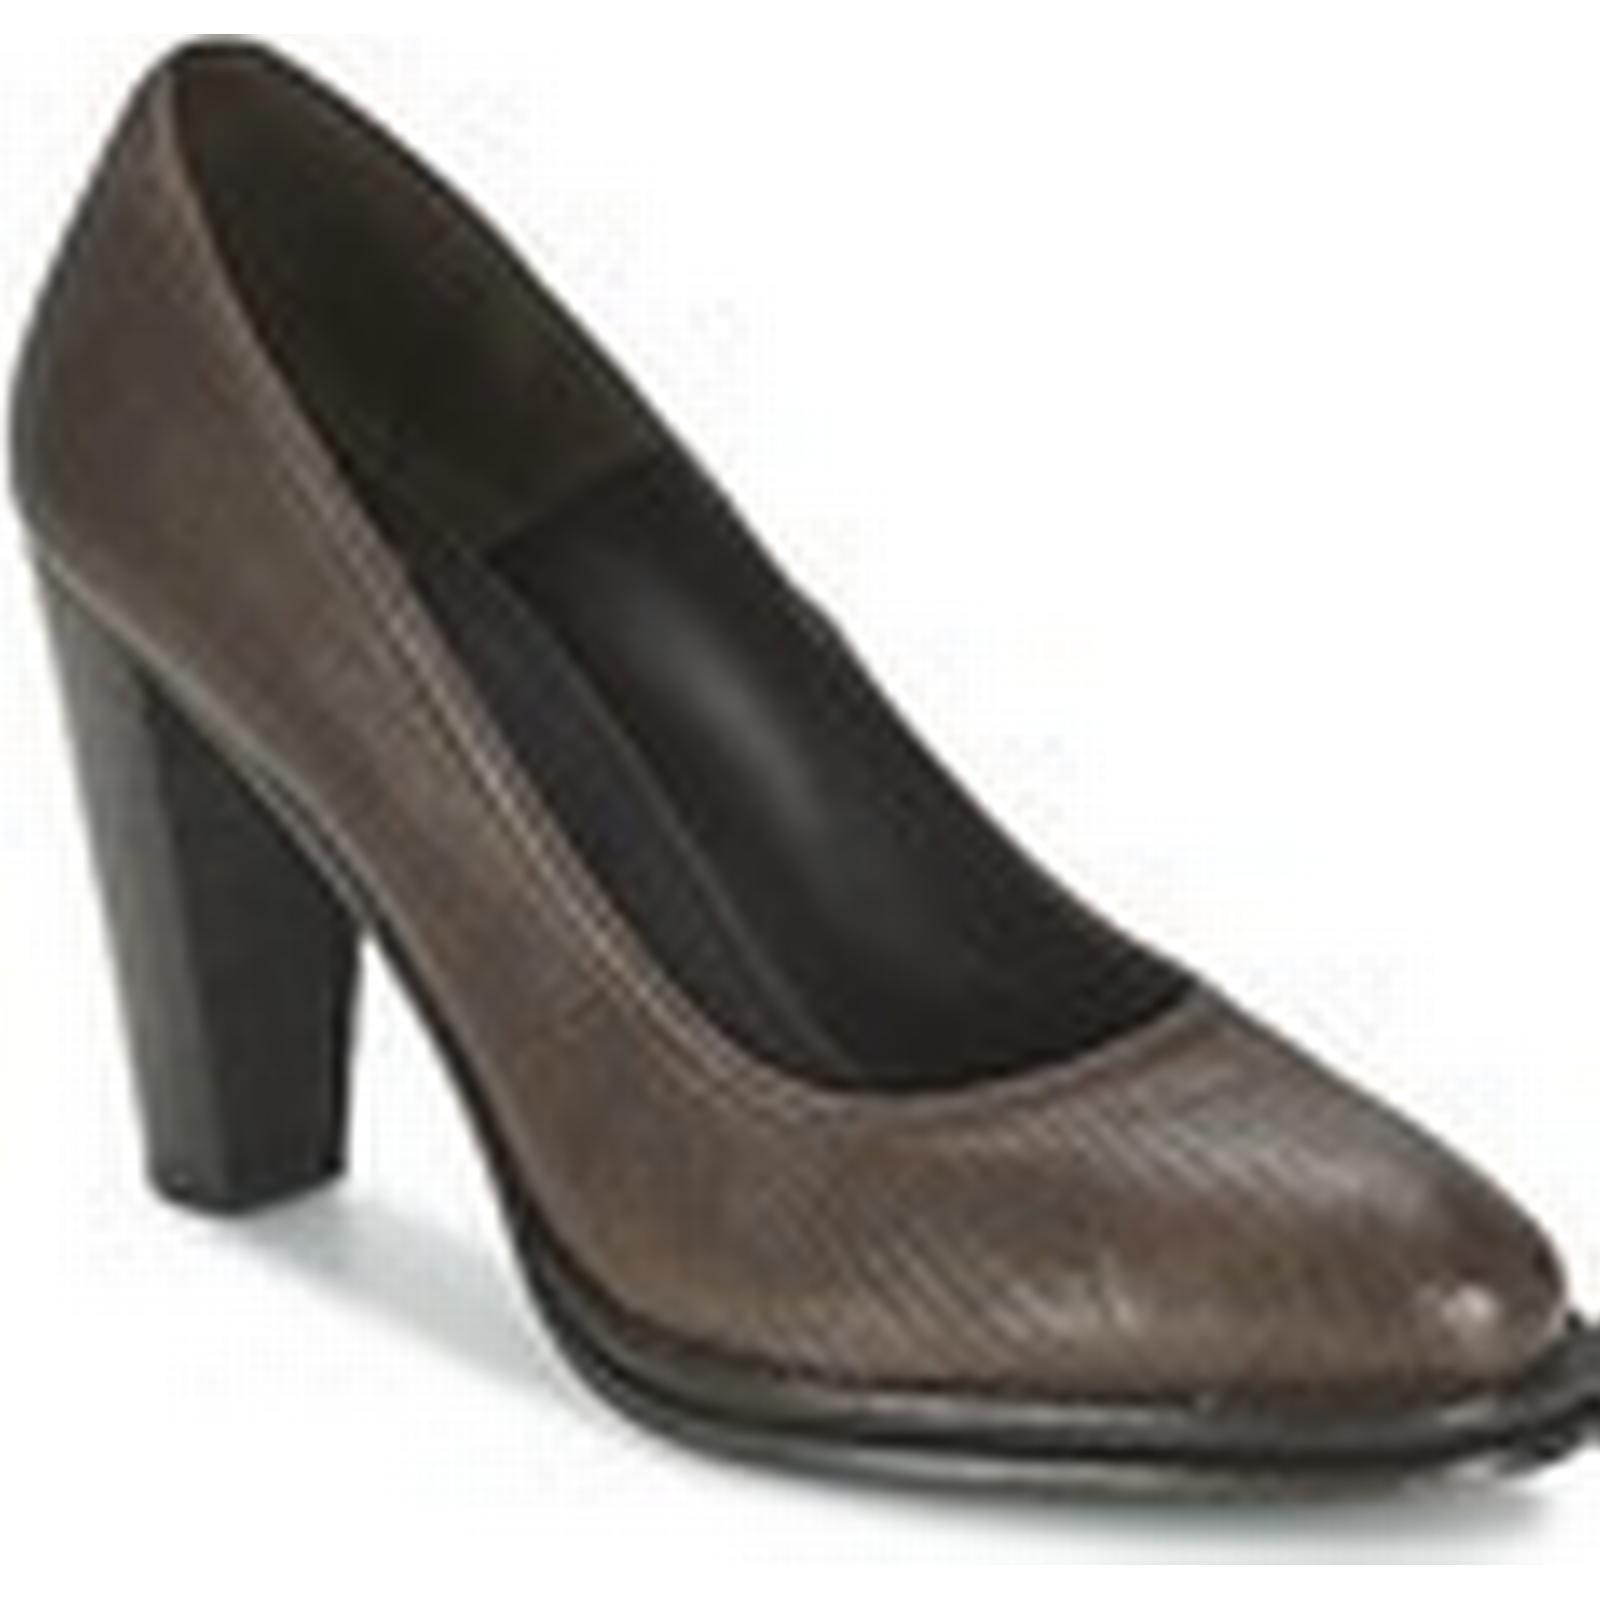 fRouge  de la bretoniere lelystad femmes & # # #  27; s cour chaussures Marron  9158b5